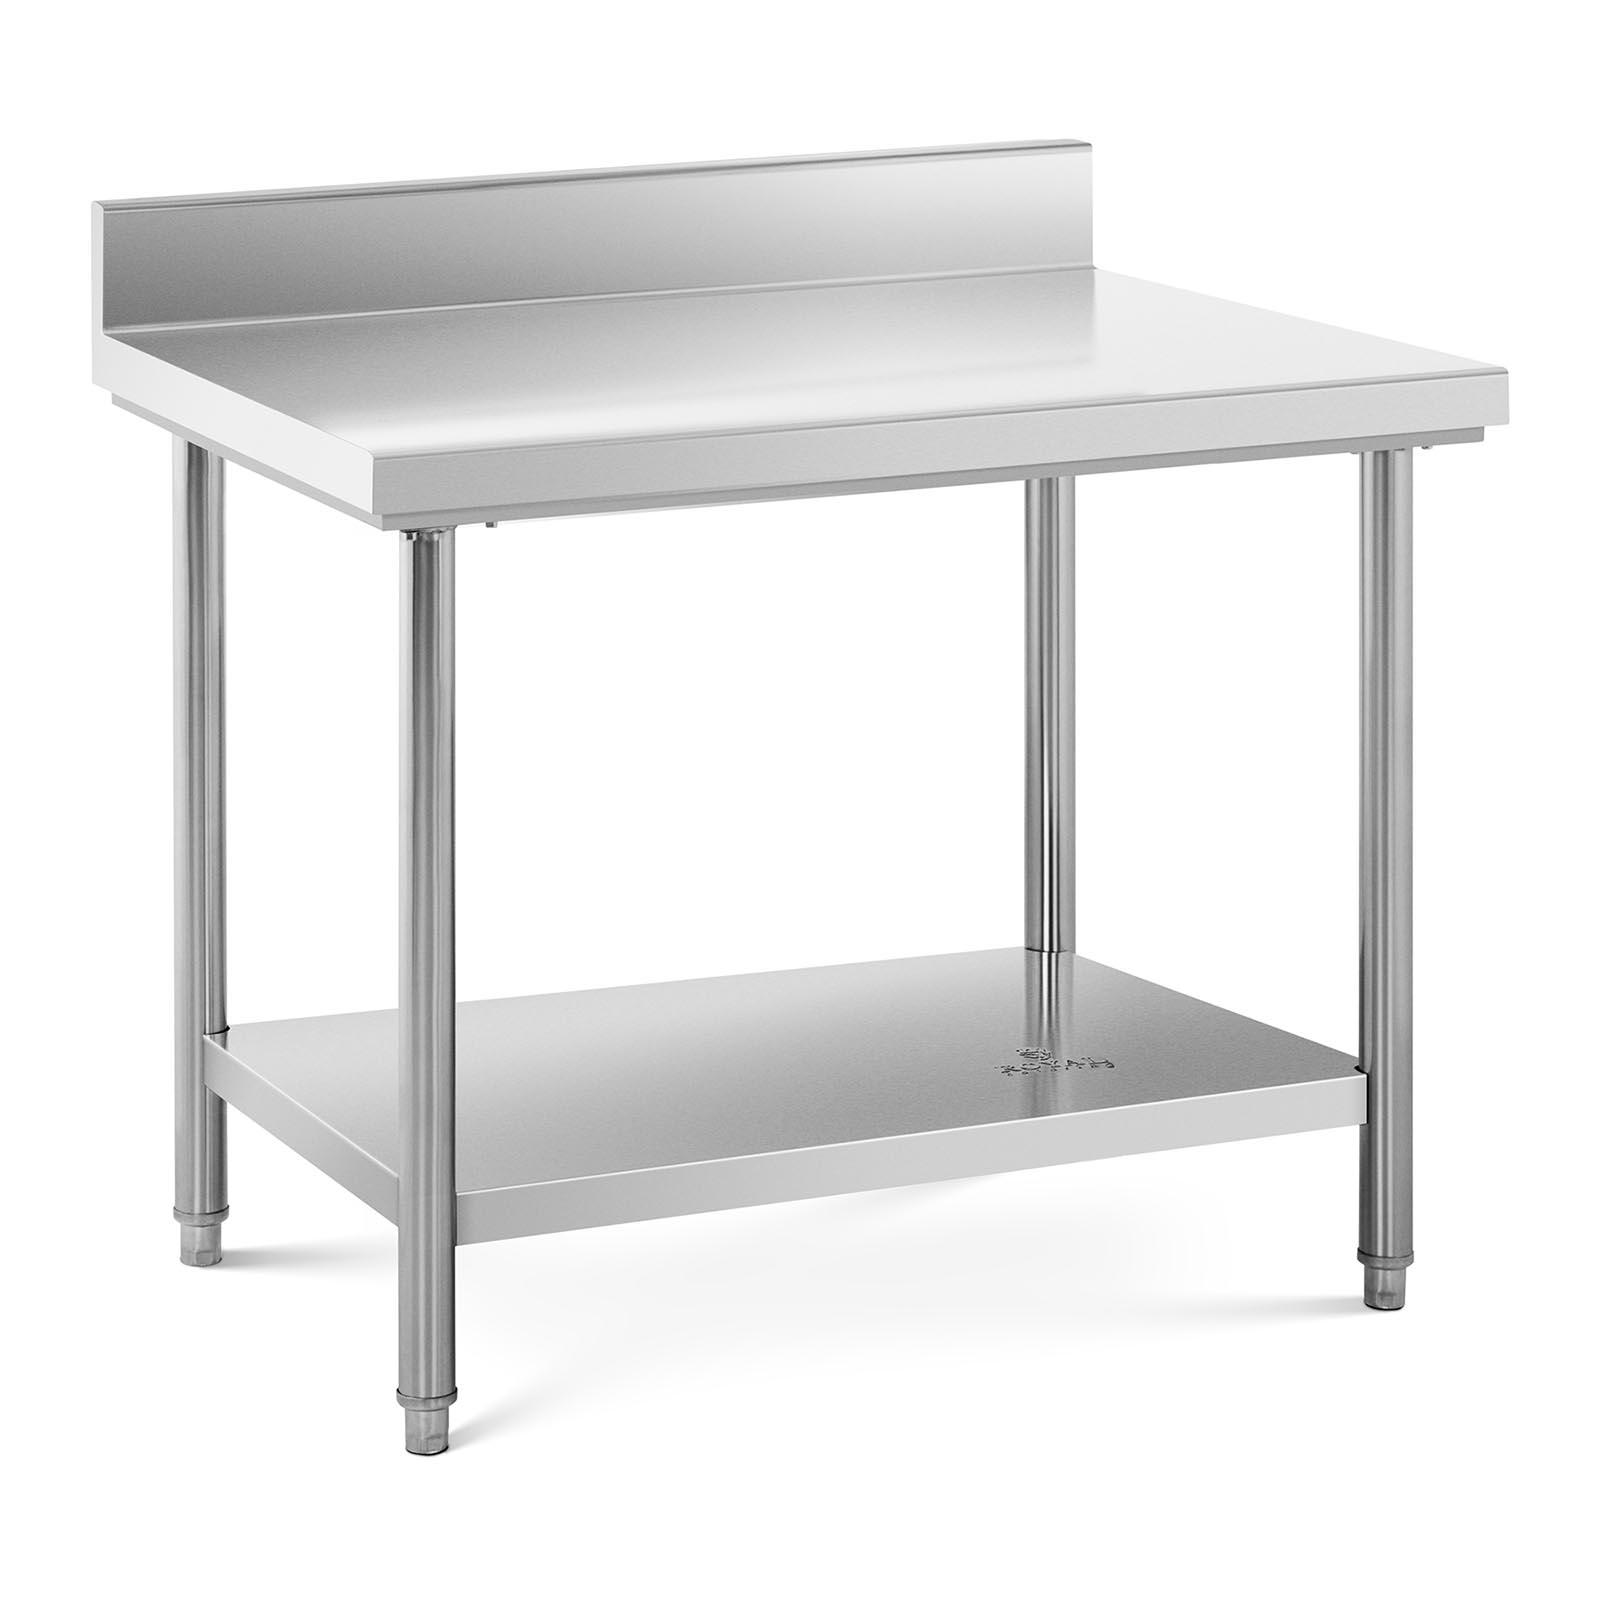 Gastro pracovní stoly